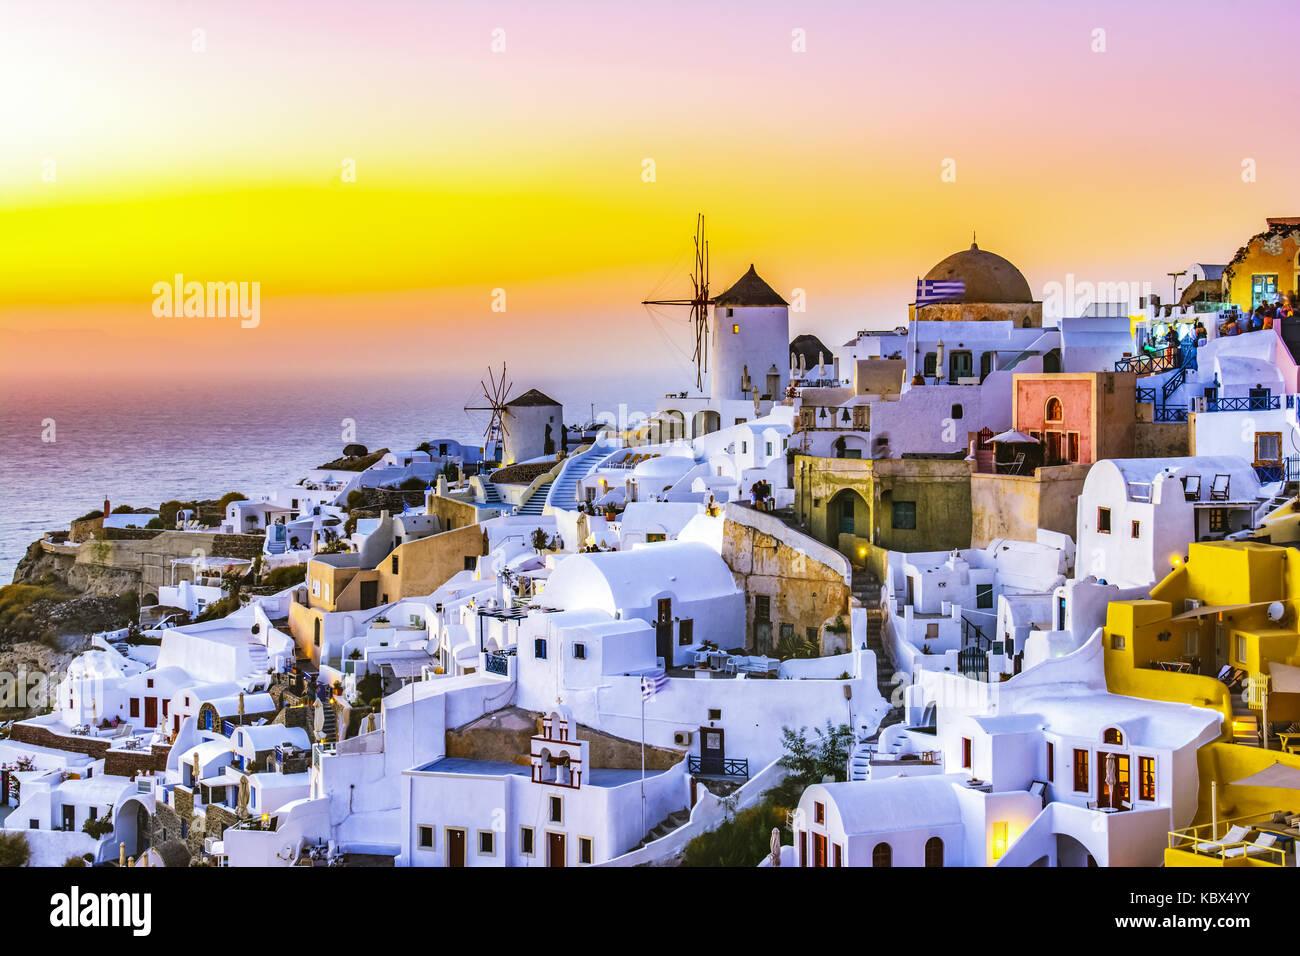 Sonnenuntergang in Oia, Santorini, Griechenland. Traditionelle und berühmte weisse Häuser und Kirchen Stockbild